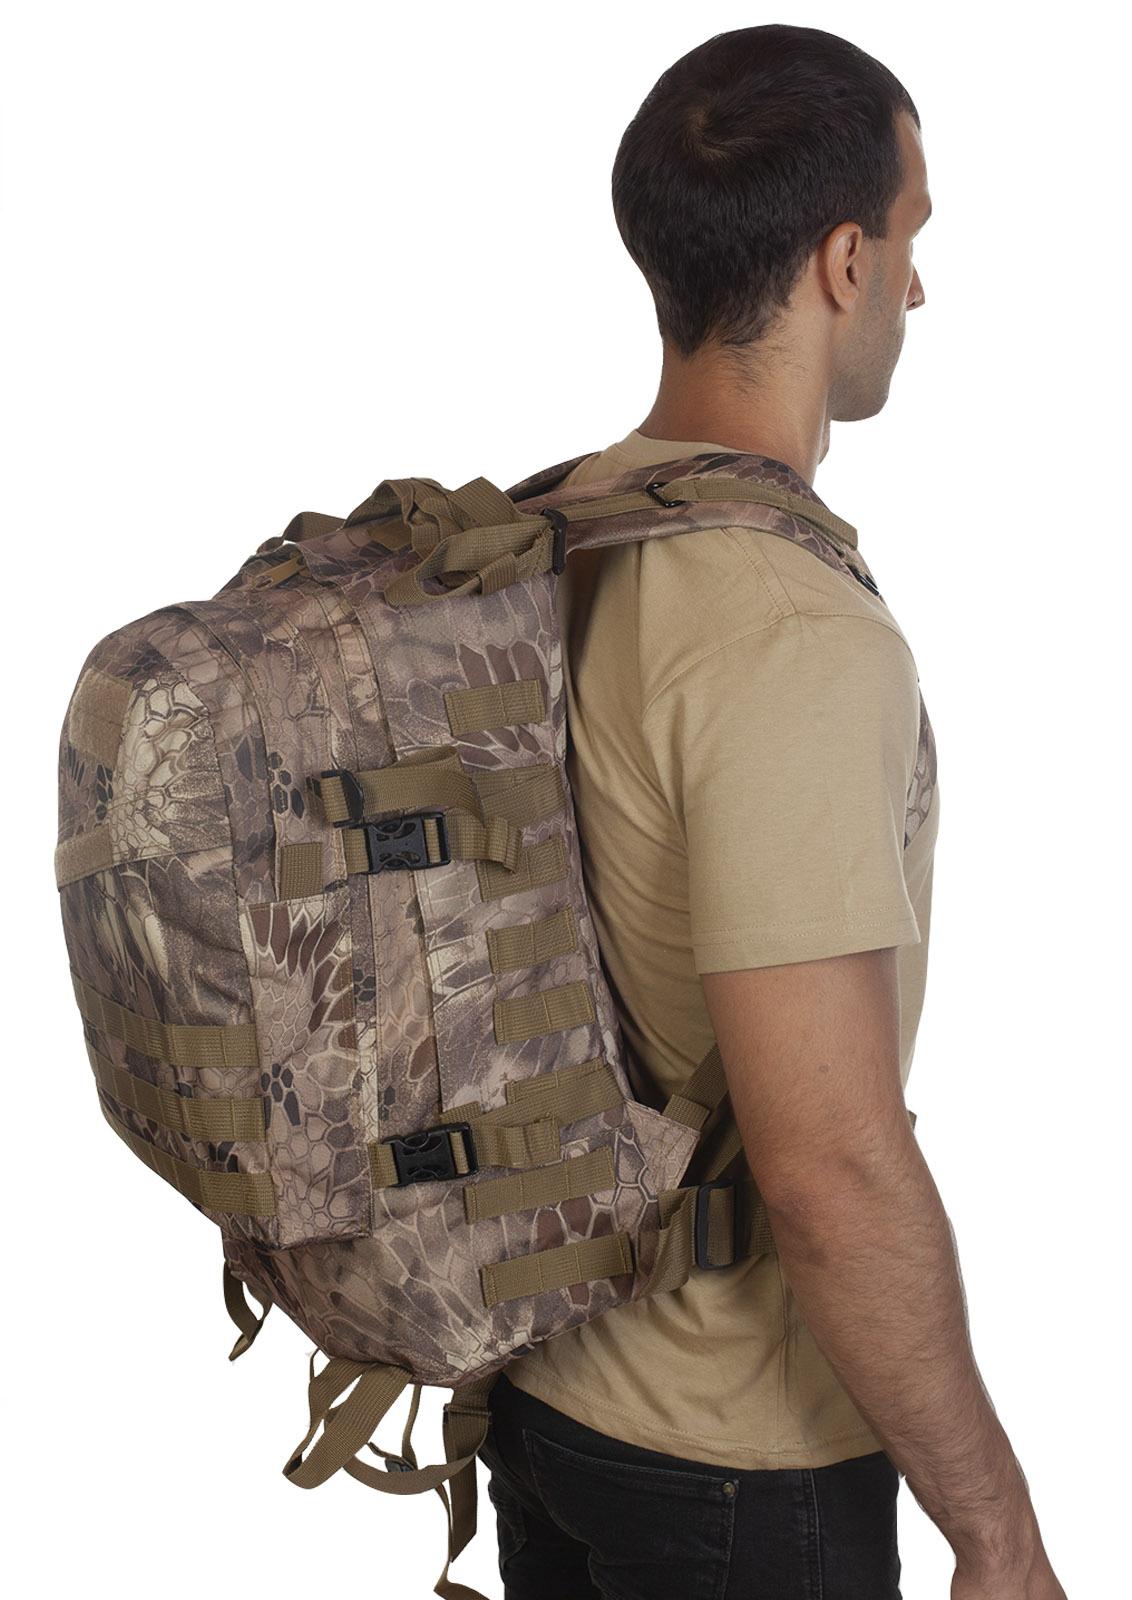 Лучший тактический рюкзак камуфляжа Krуptek - купить онлайн